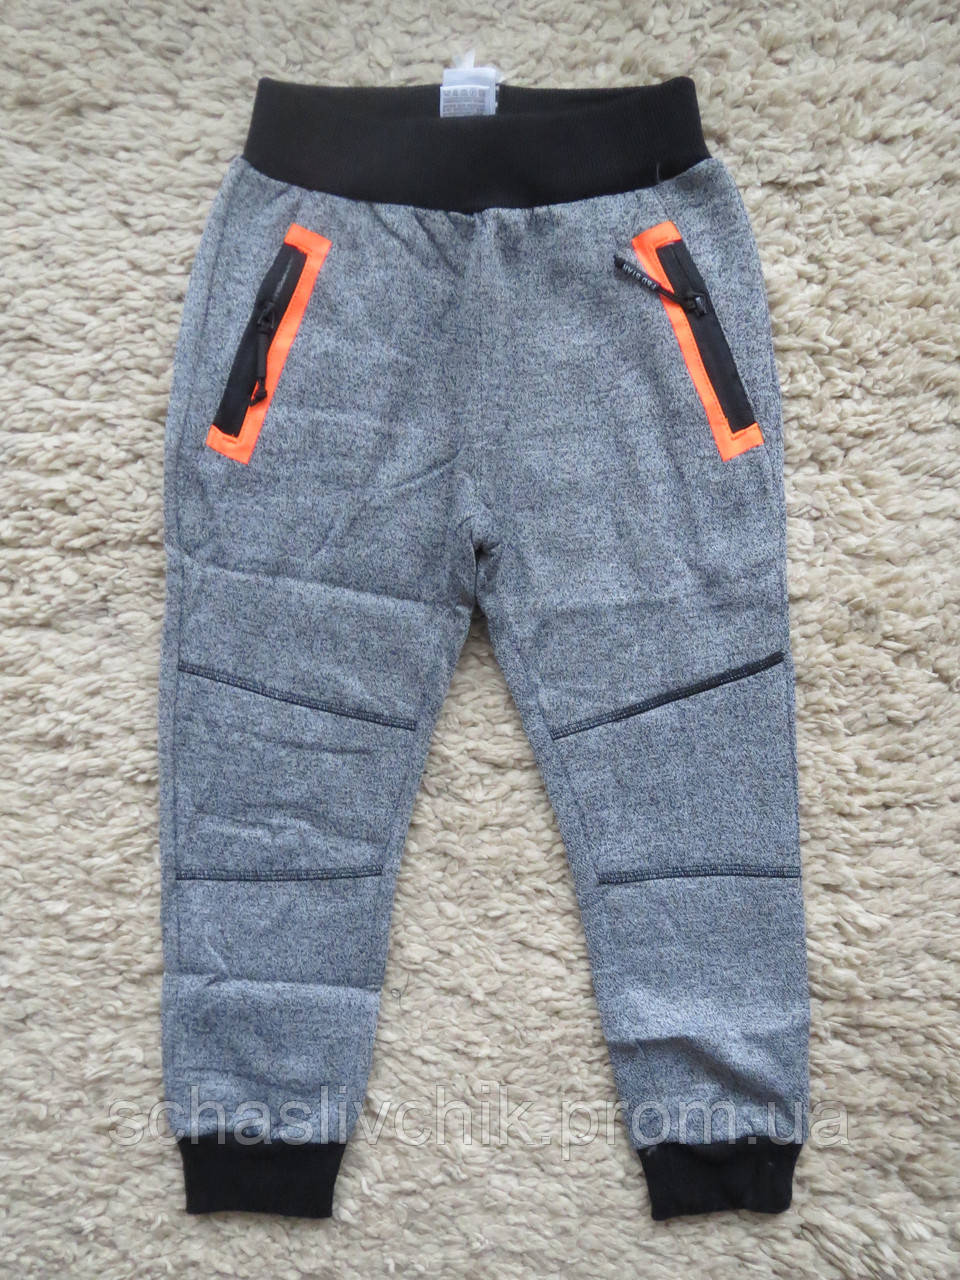 Зимние трикотажные спортивные штаны для мальчиков на флисе.оптом.Размеры 4-12.Фирма F&D .Венгрия